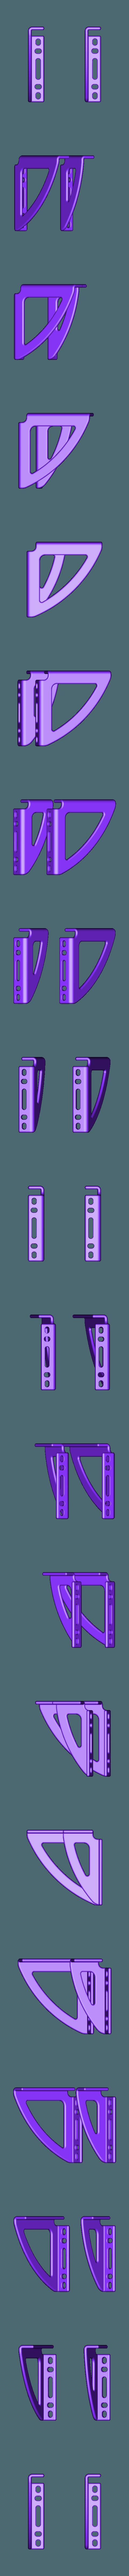 F7524194 12fe 49b6 8ccb 211e88568cb3